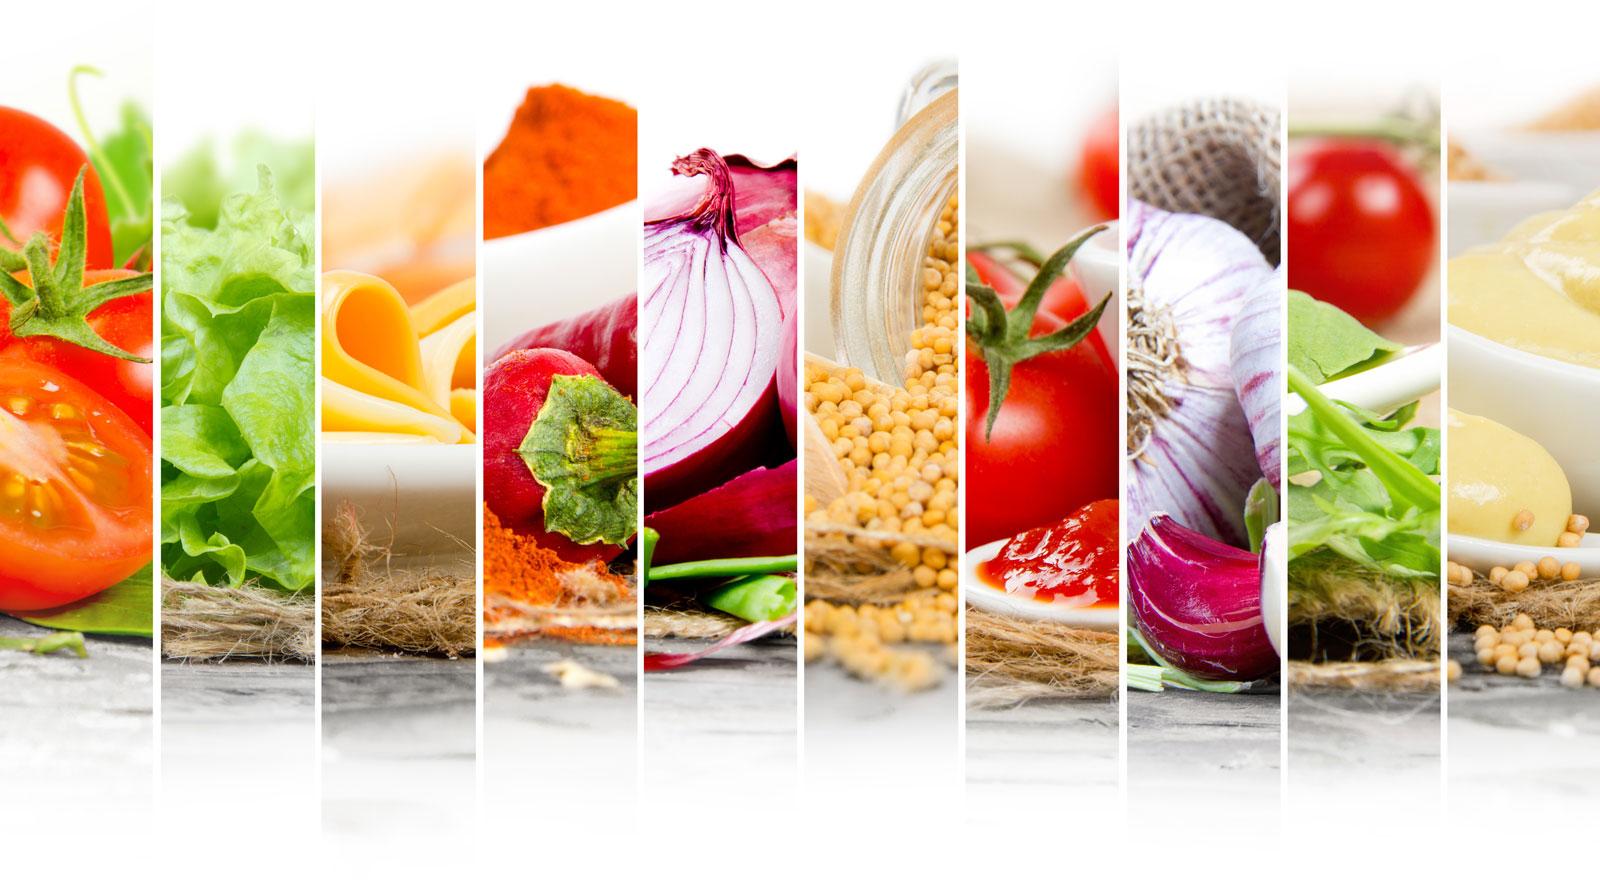 食品标签 - 合规 -  A-RoadMap